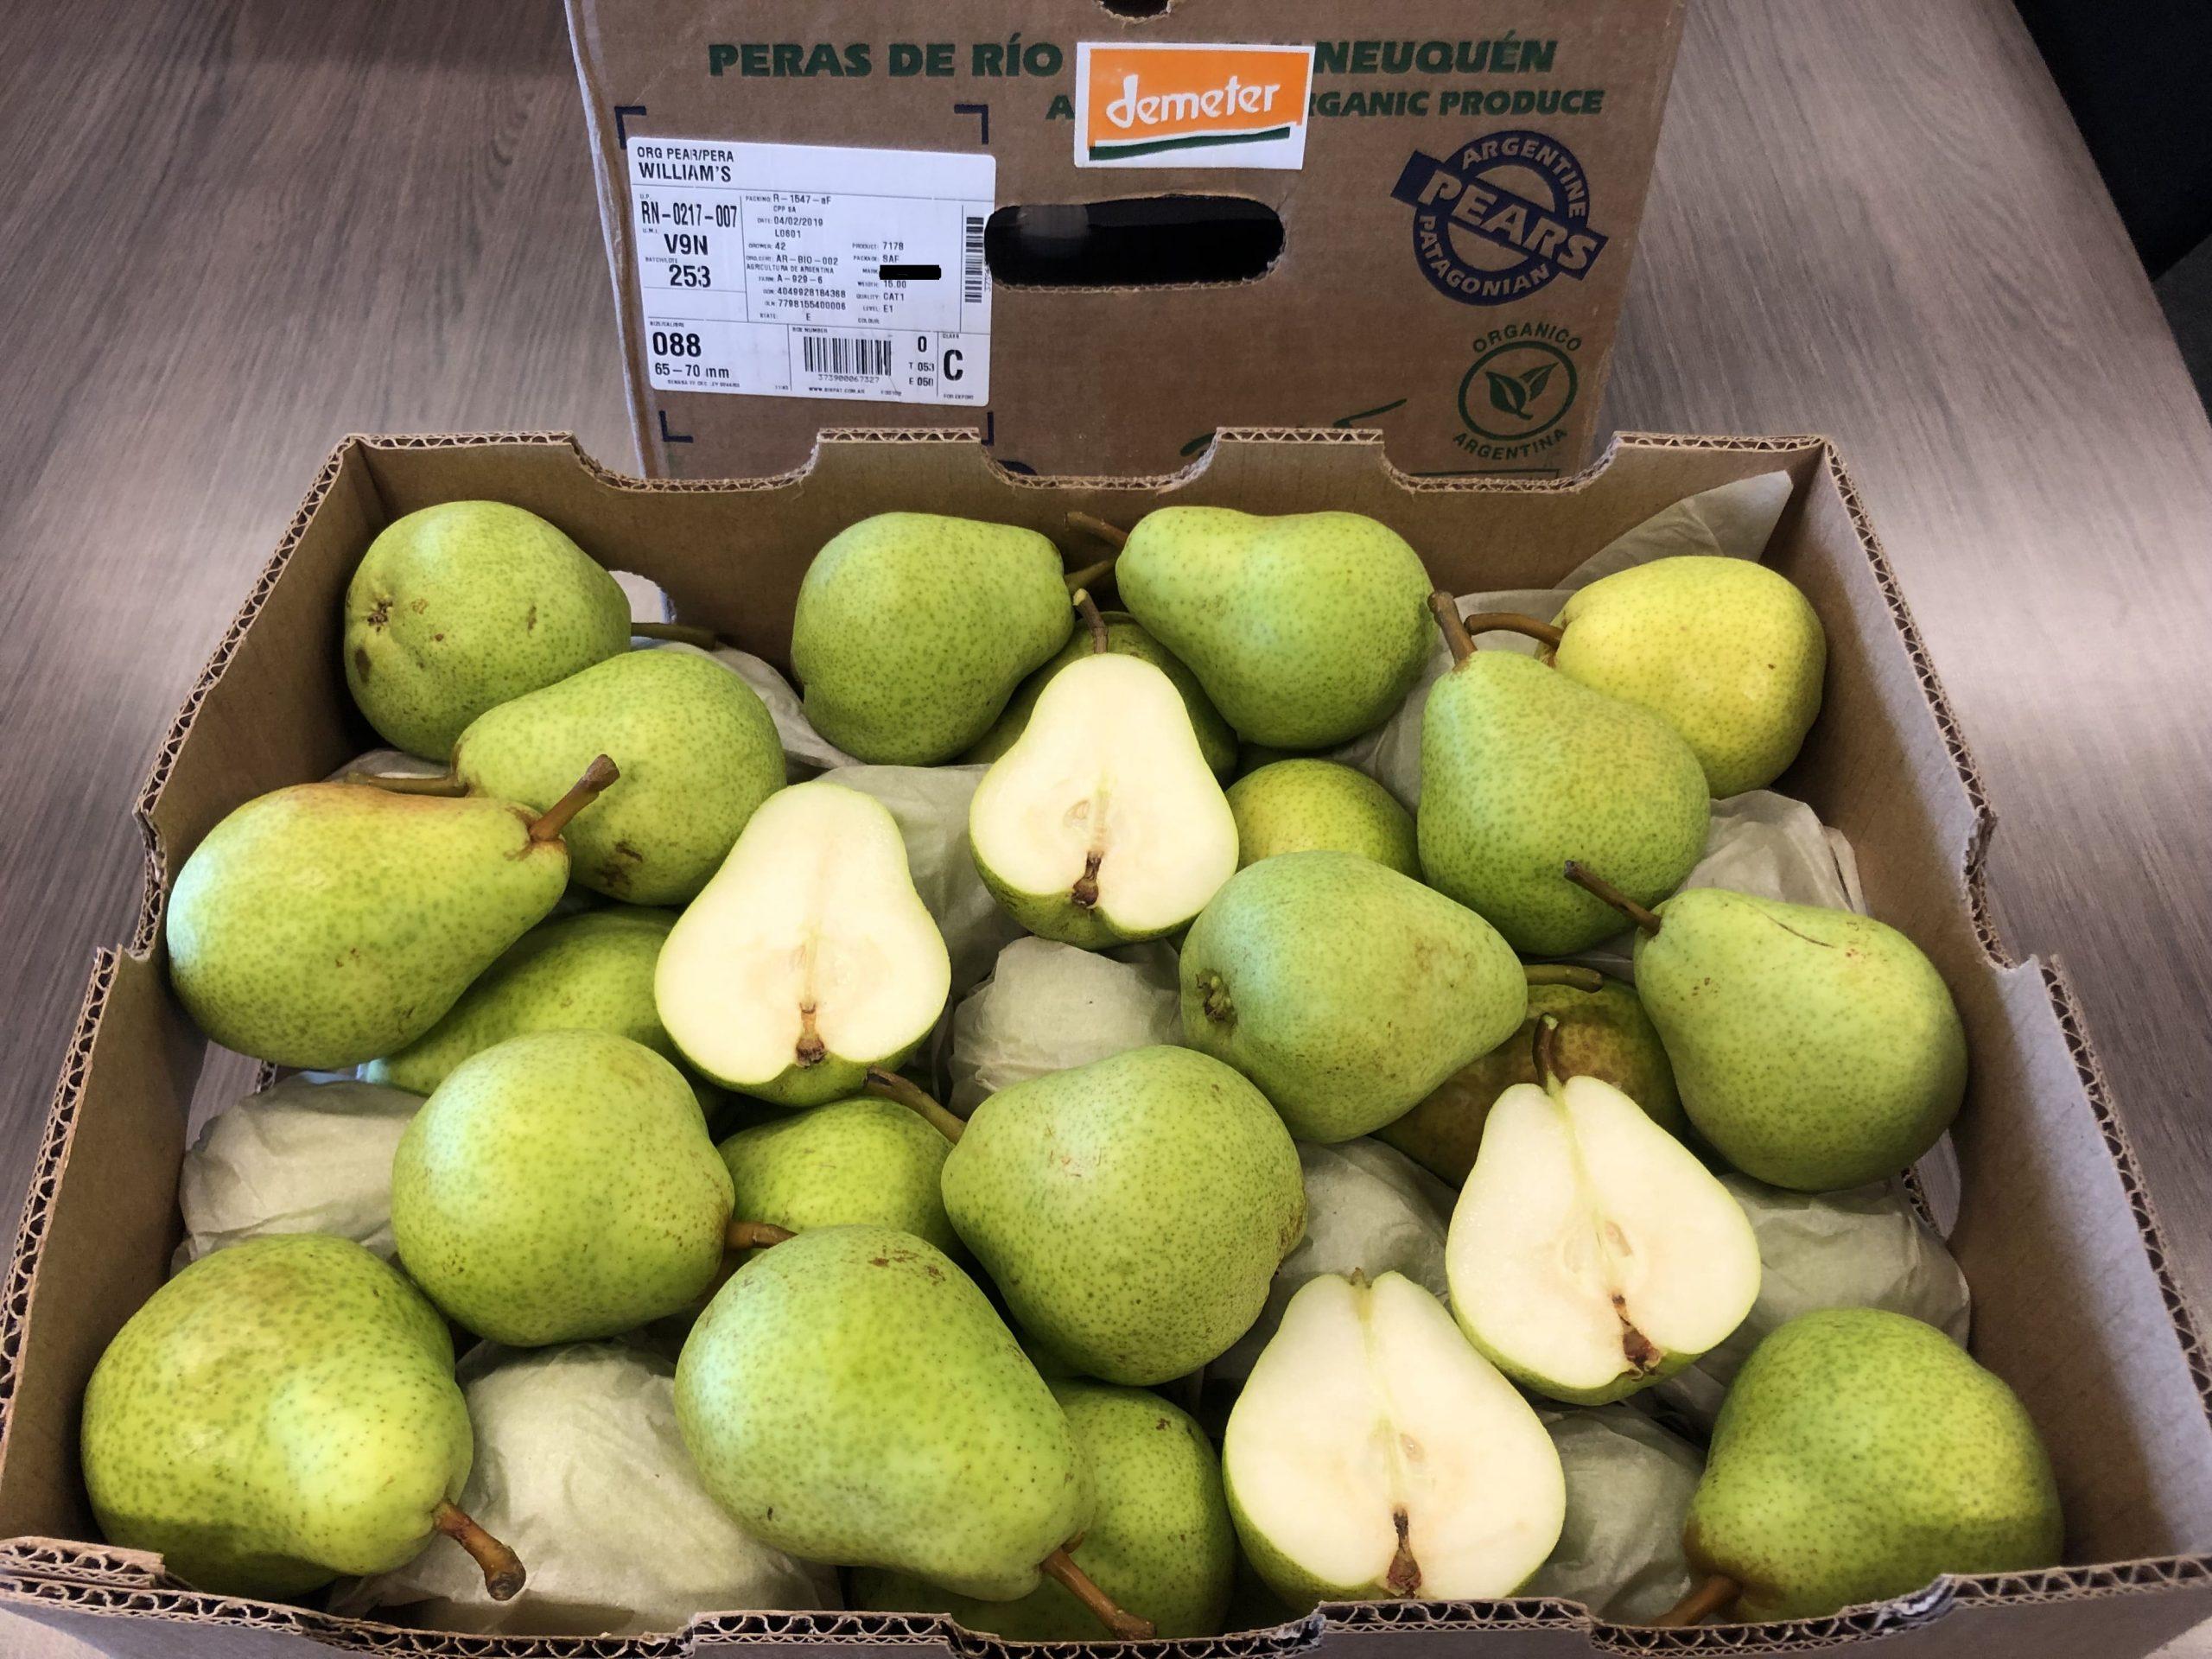 Global Fruit Point: Regular Demeter Pome Fruit Program from Argentina